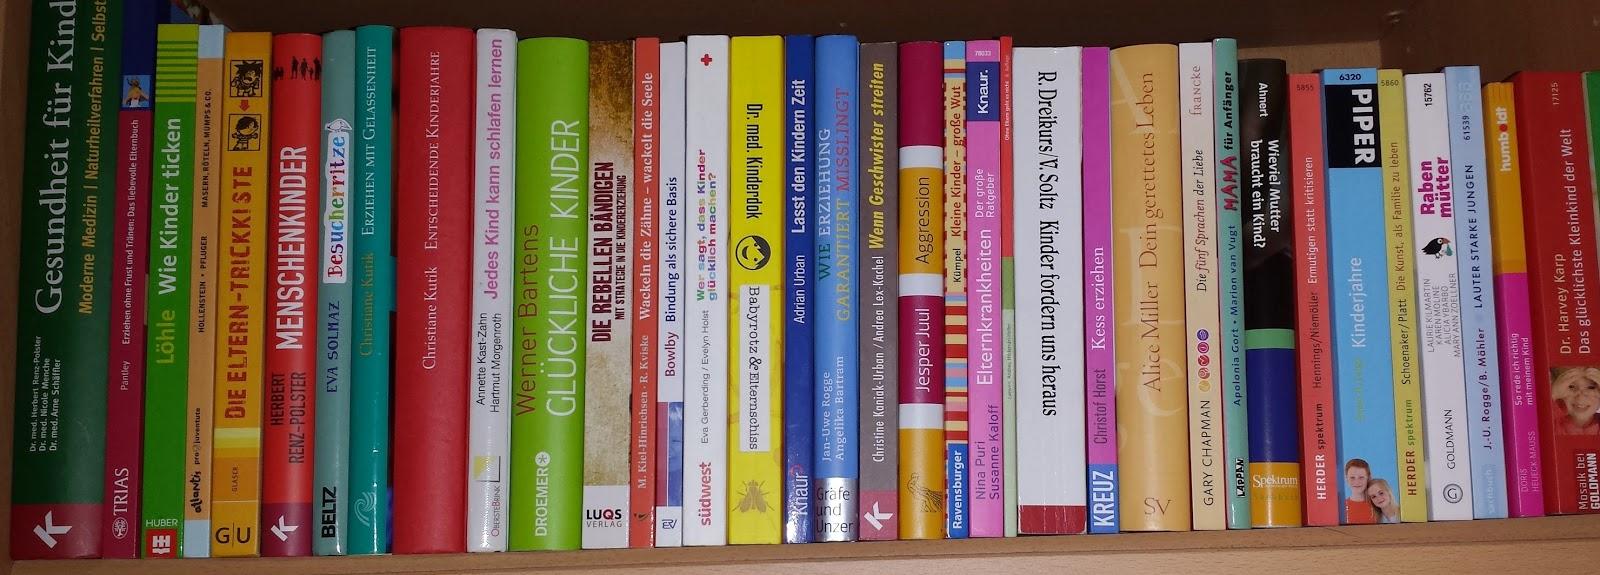 Lange Reihe mit Erziehungsbüchern